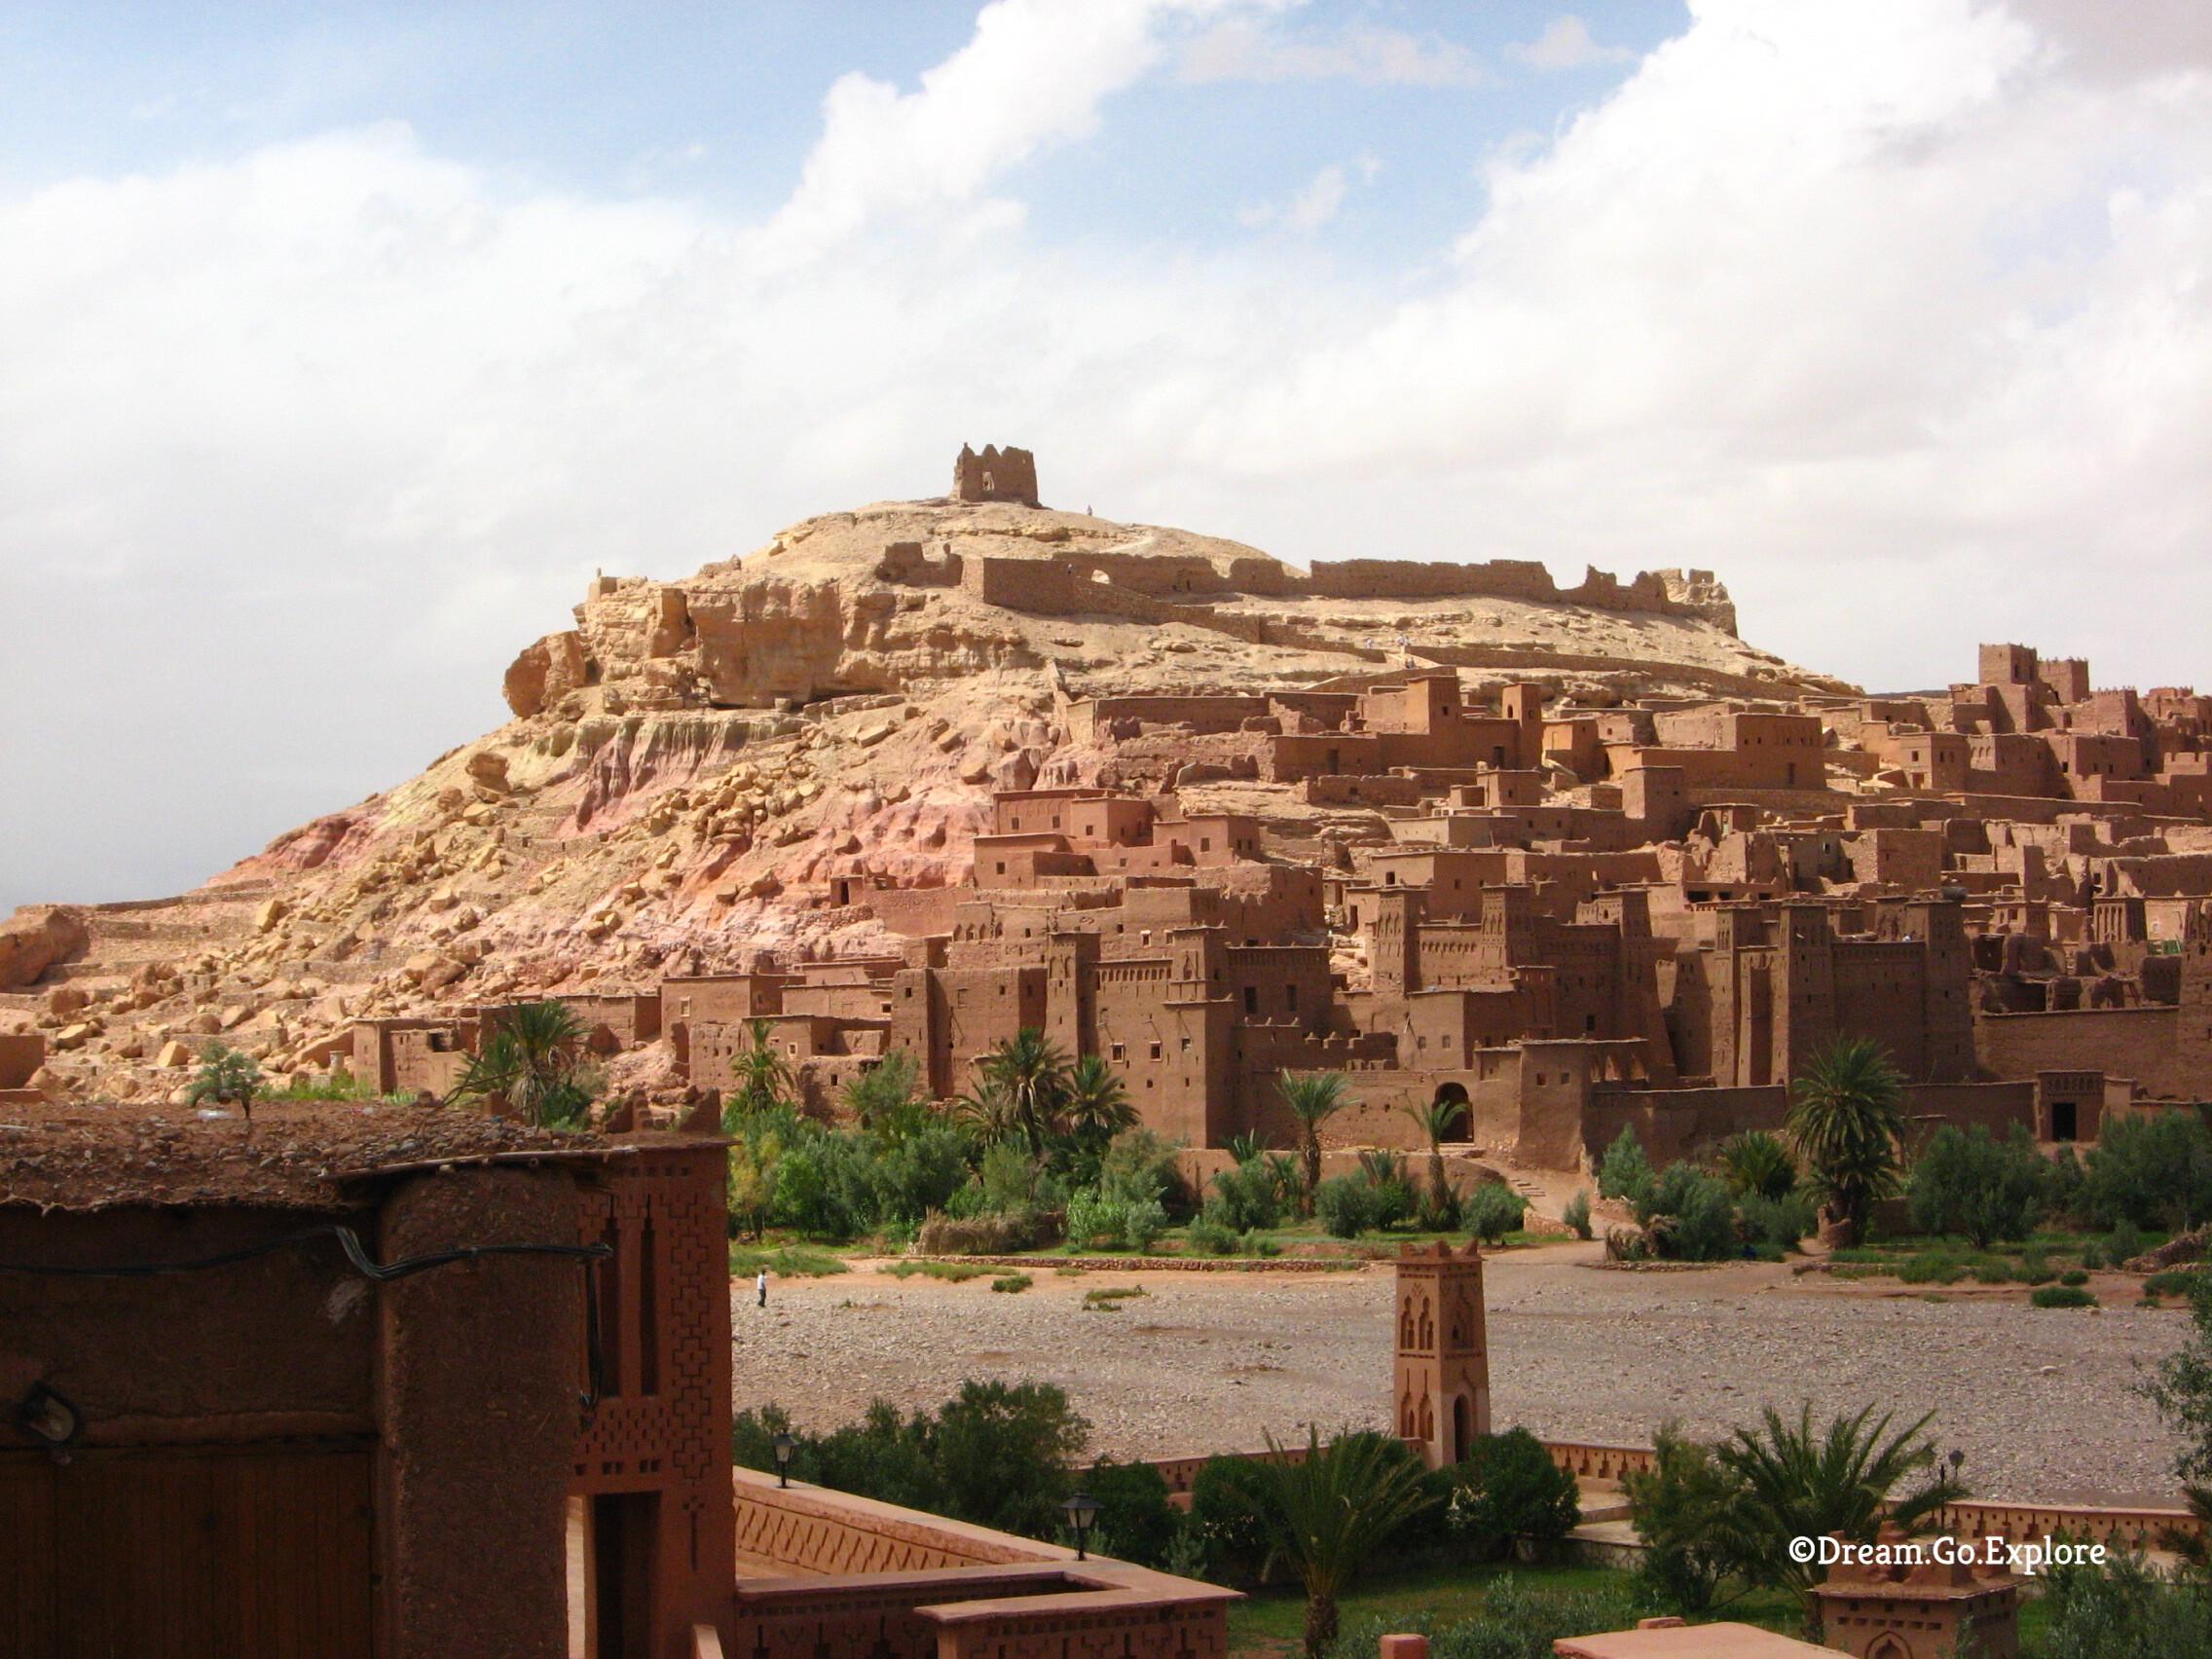 The Kasbah Aït-Ben-Haddou (Morocco) – Die Kasbah Aït-Ben-Haddou (Marokko)